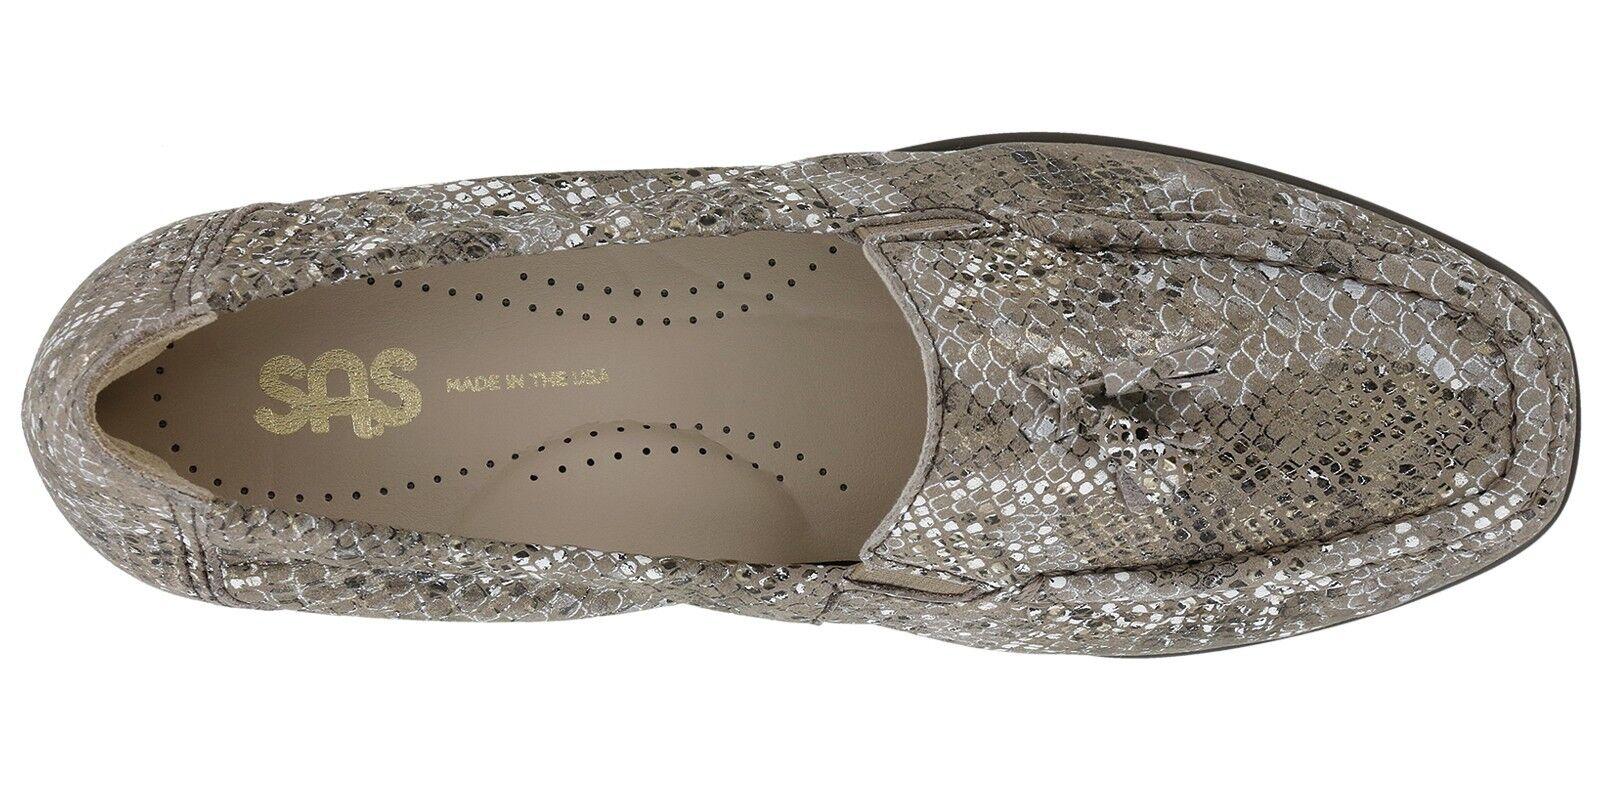 Nuevo En Caja-Servicio aéreo especial - para mujer Esperanza  - especial multisnake 'oro Mocasín Zapatos 3040-697 - 9.5 6140f7